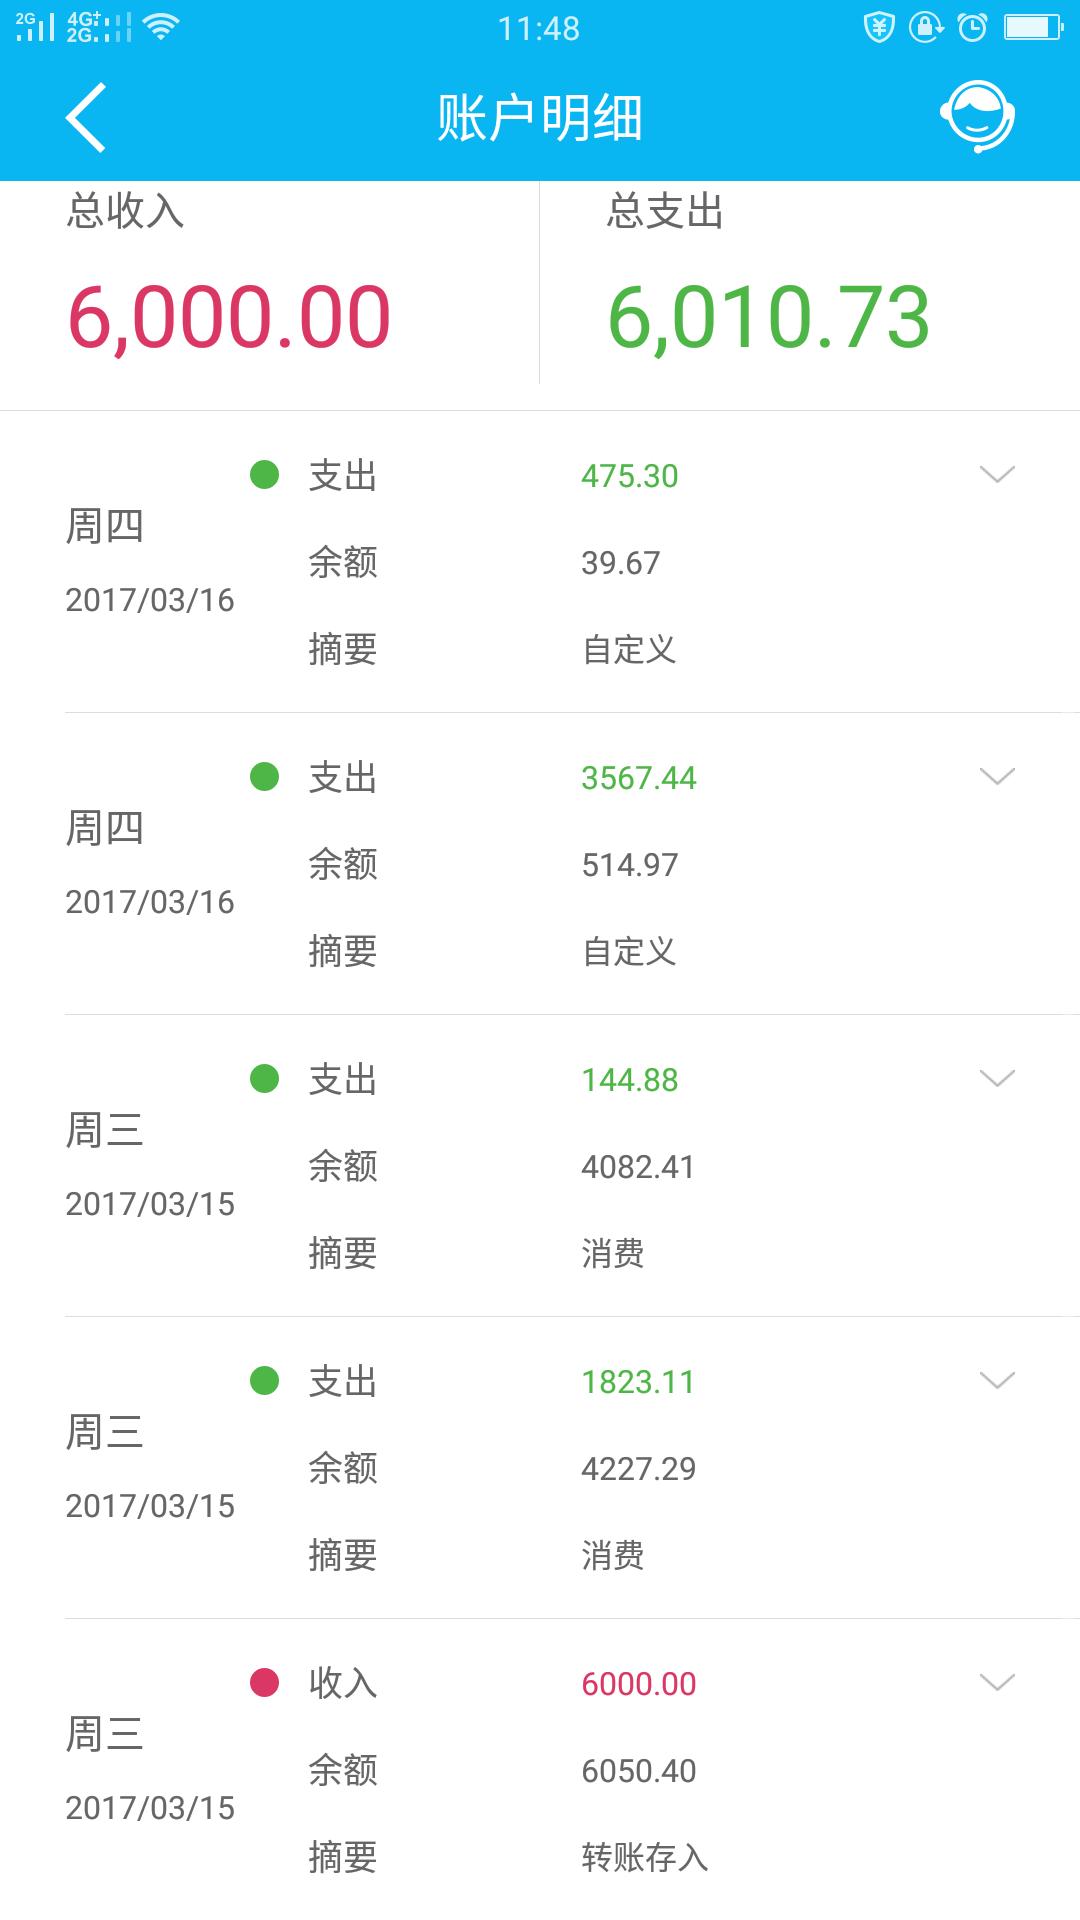 上海亨元金融信息有限公司的APP还不了款-图